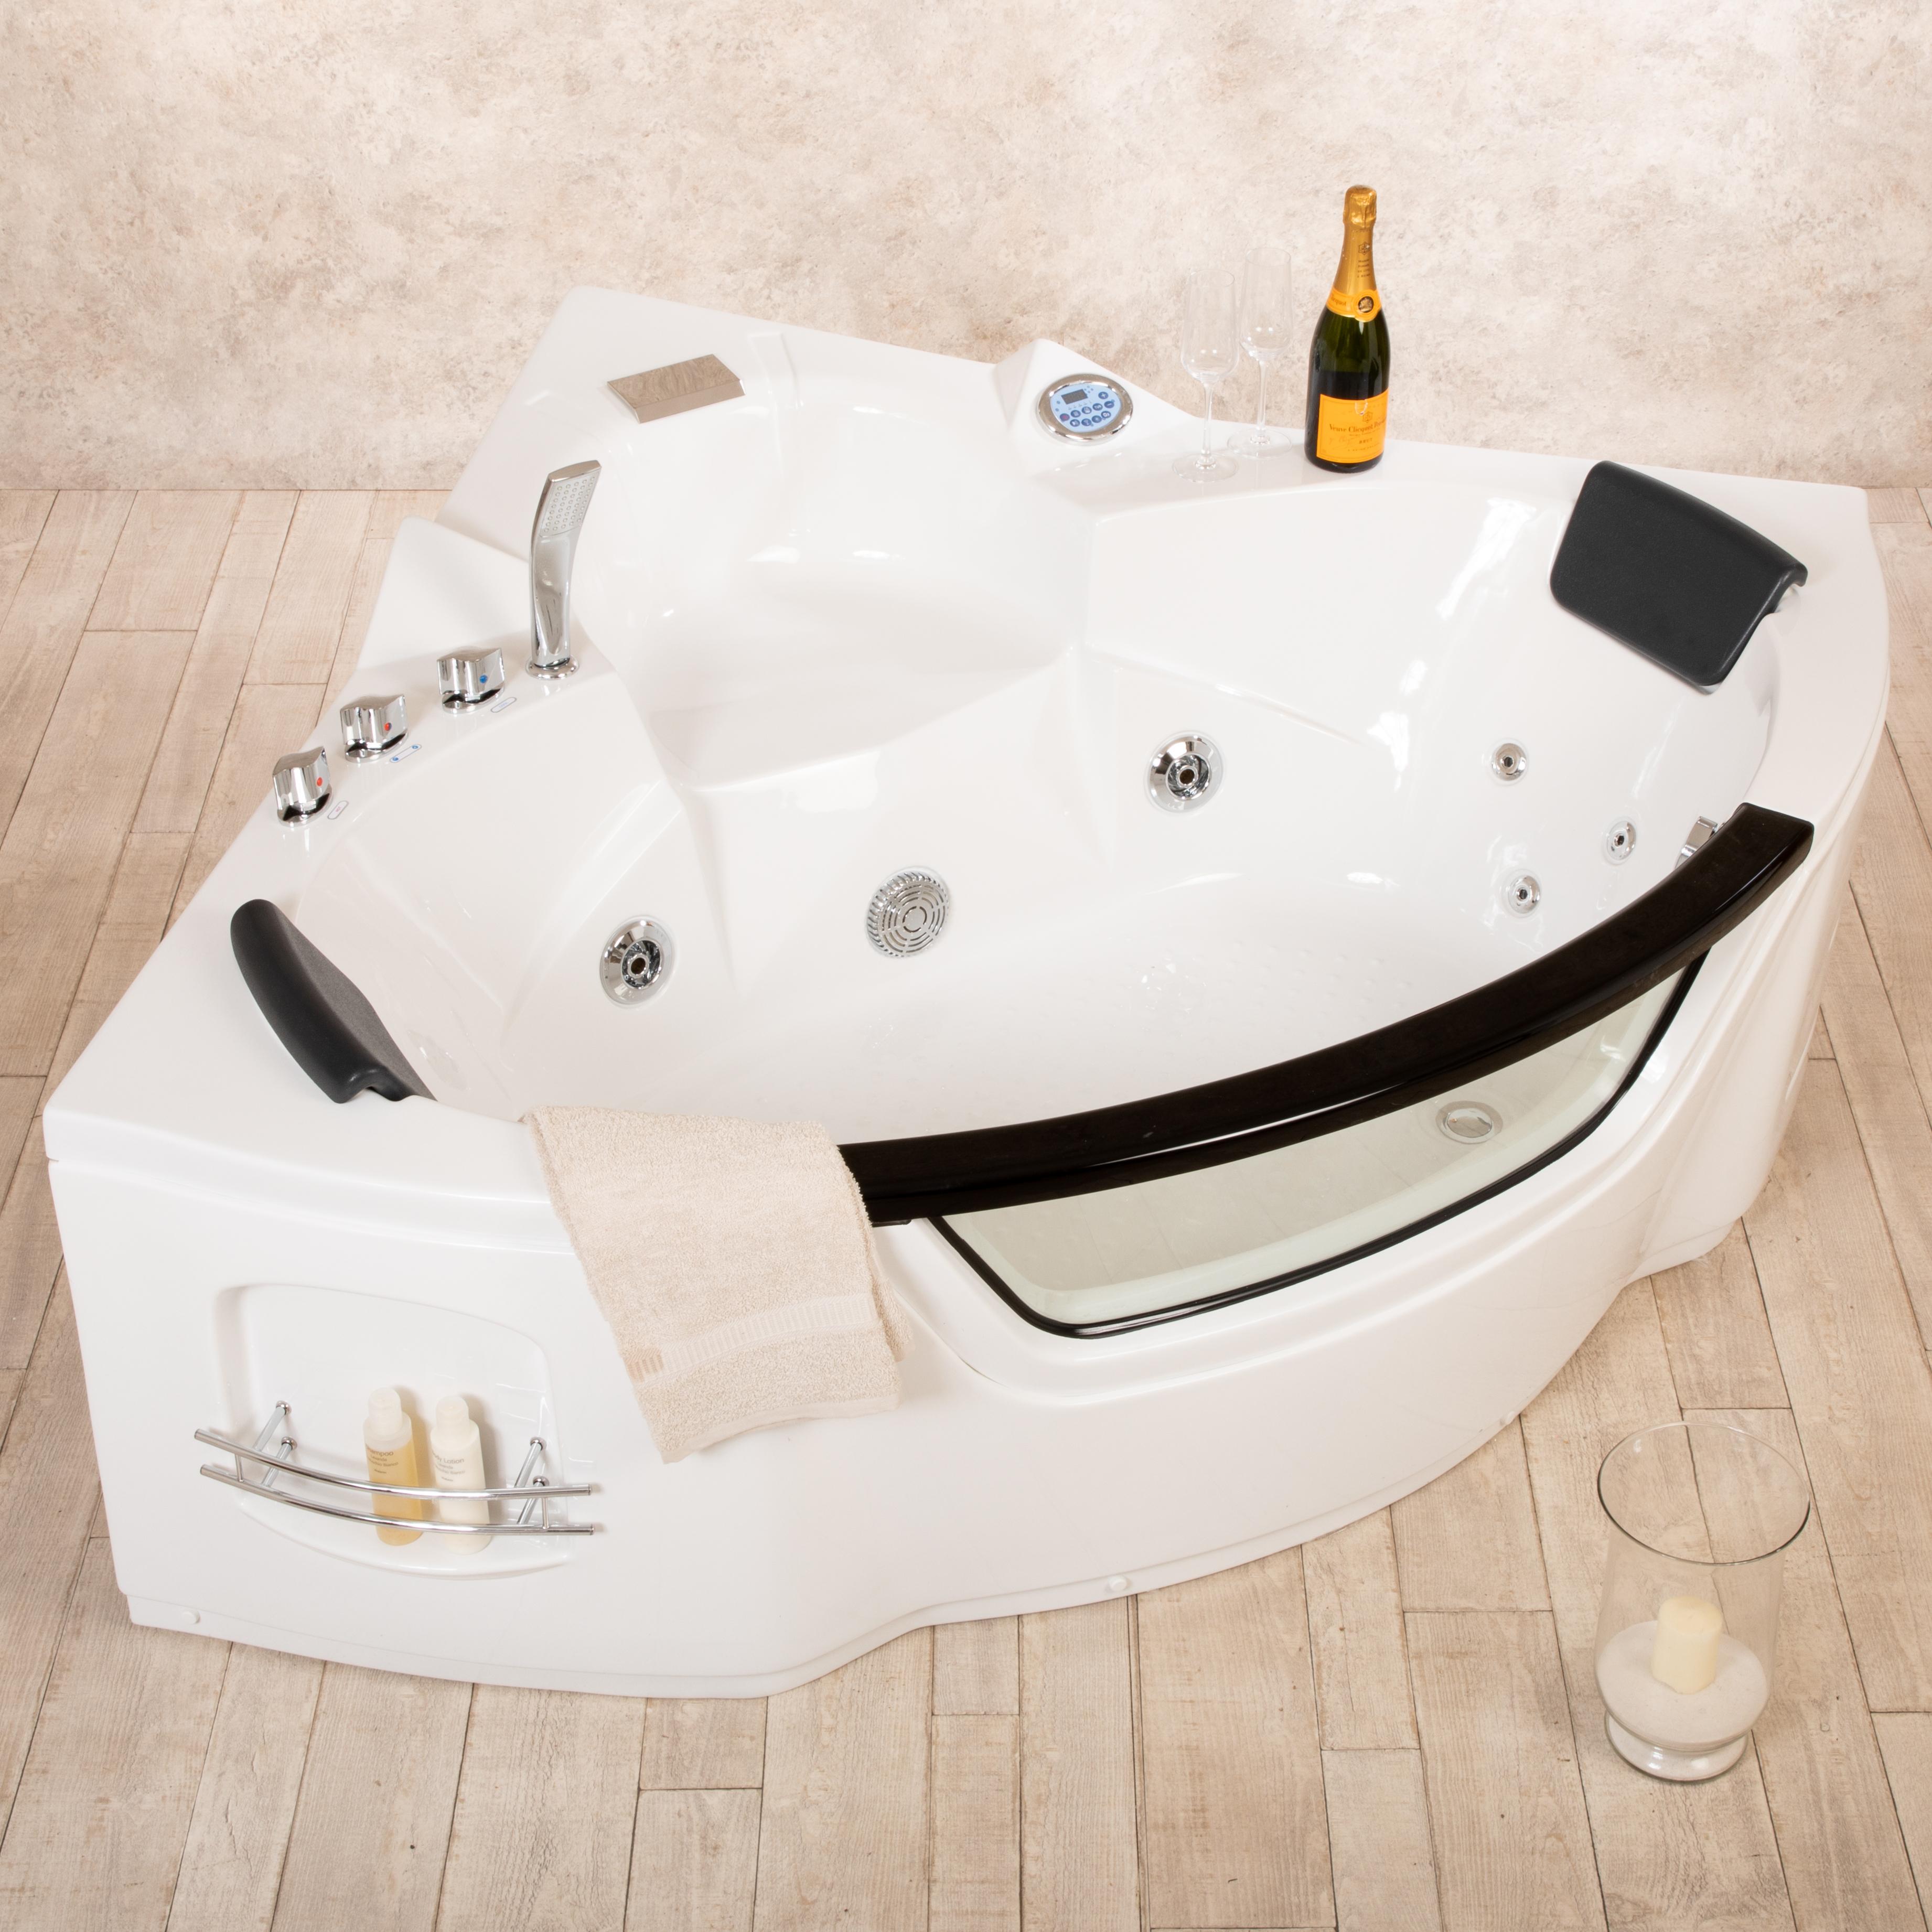 Vasche Idromassaggio Misure E Prezzi 3 consigli per acquistare una nuova vasca idromassaggio